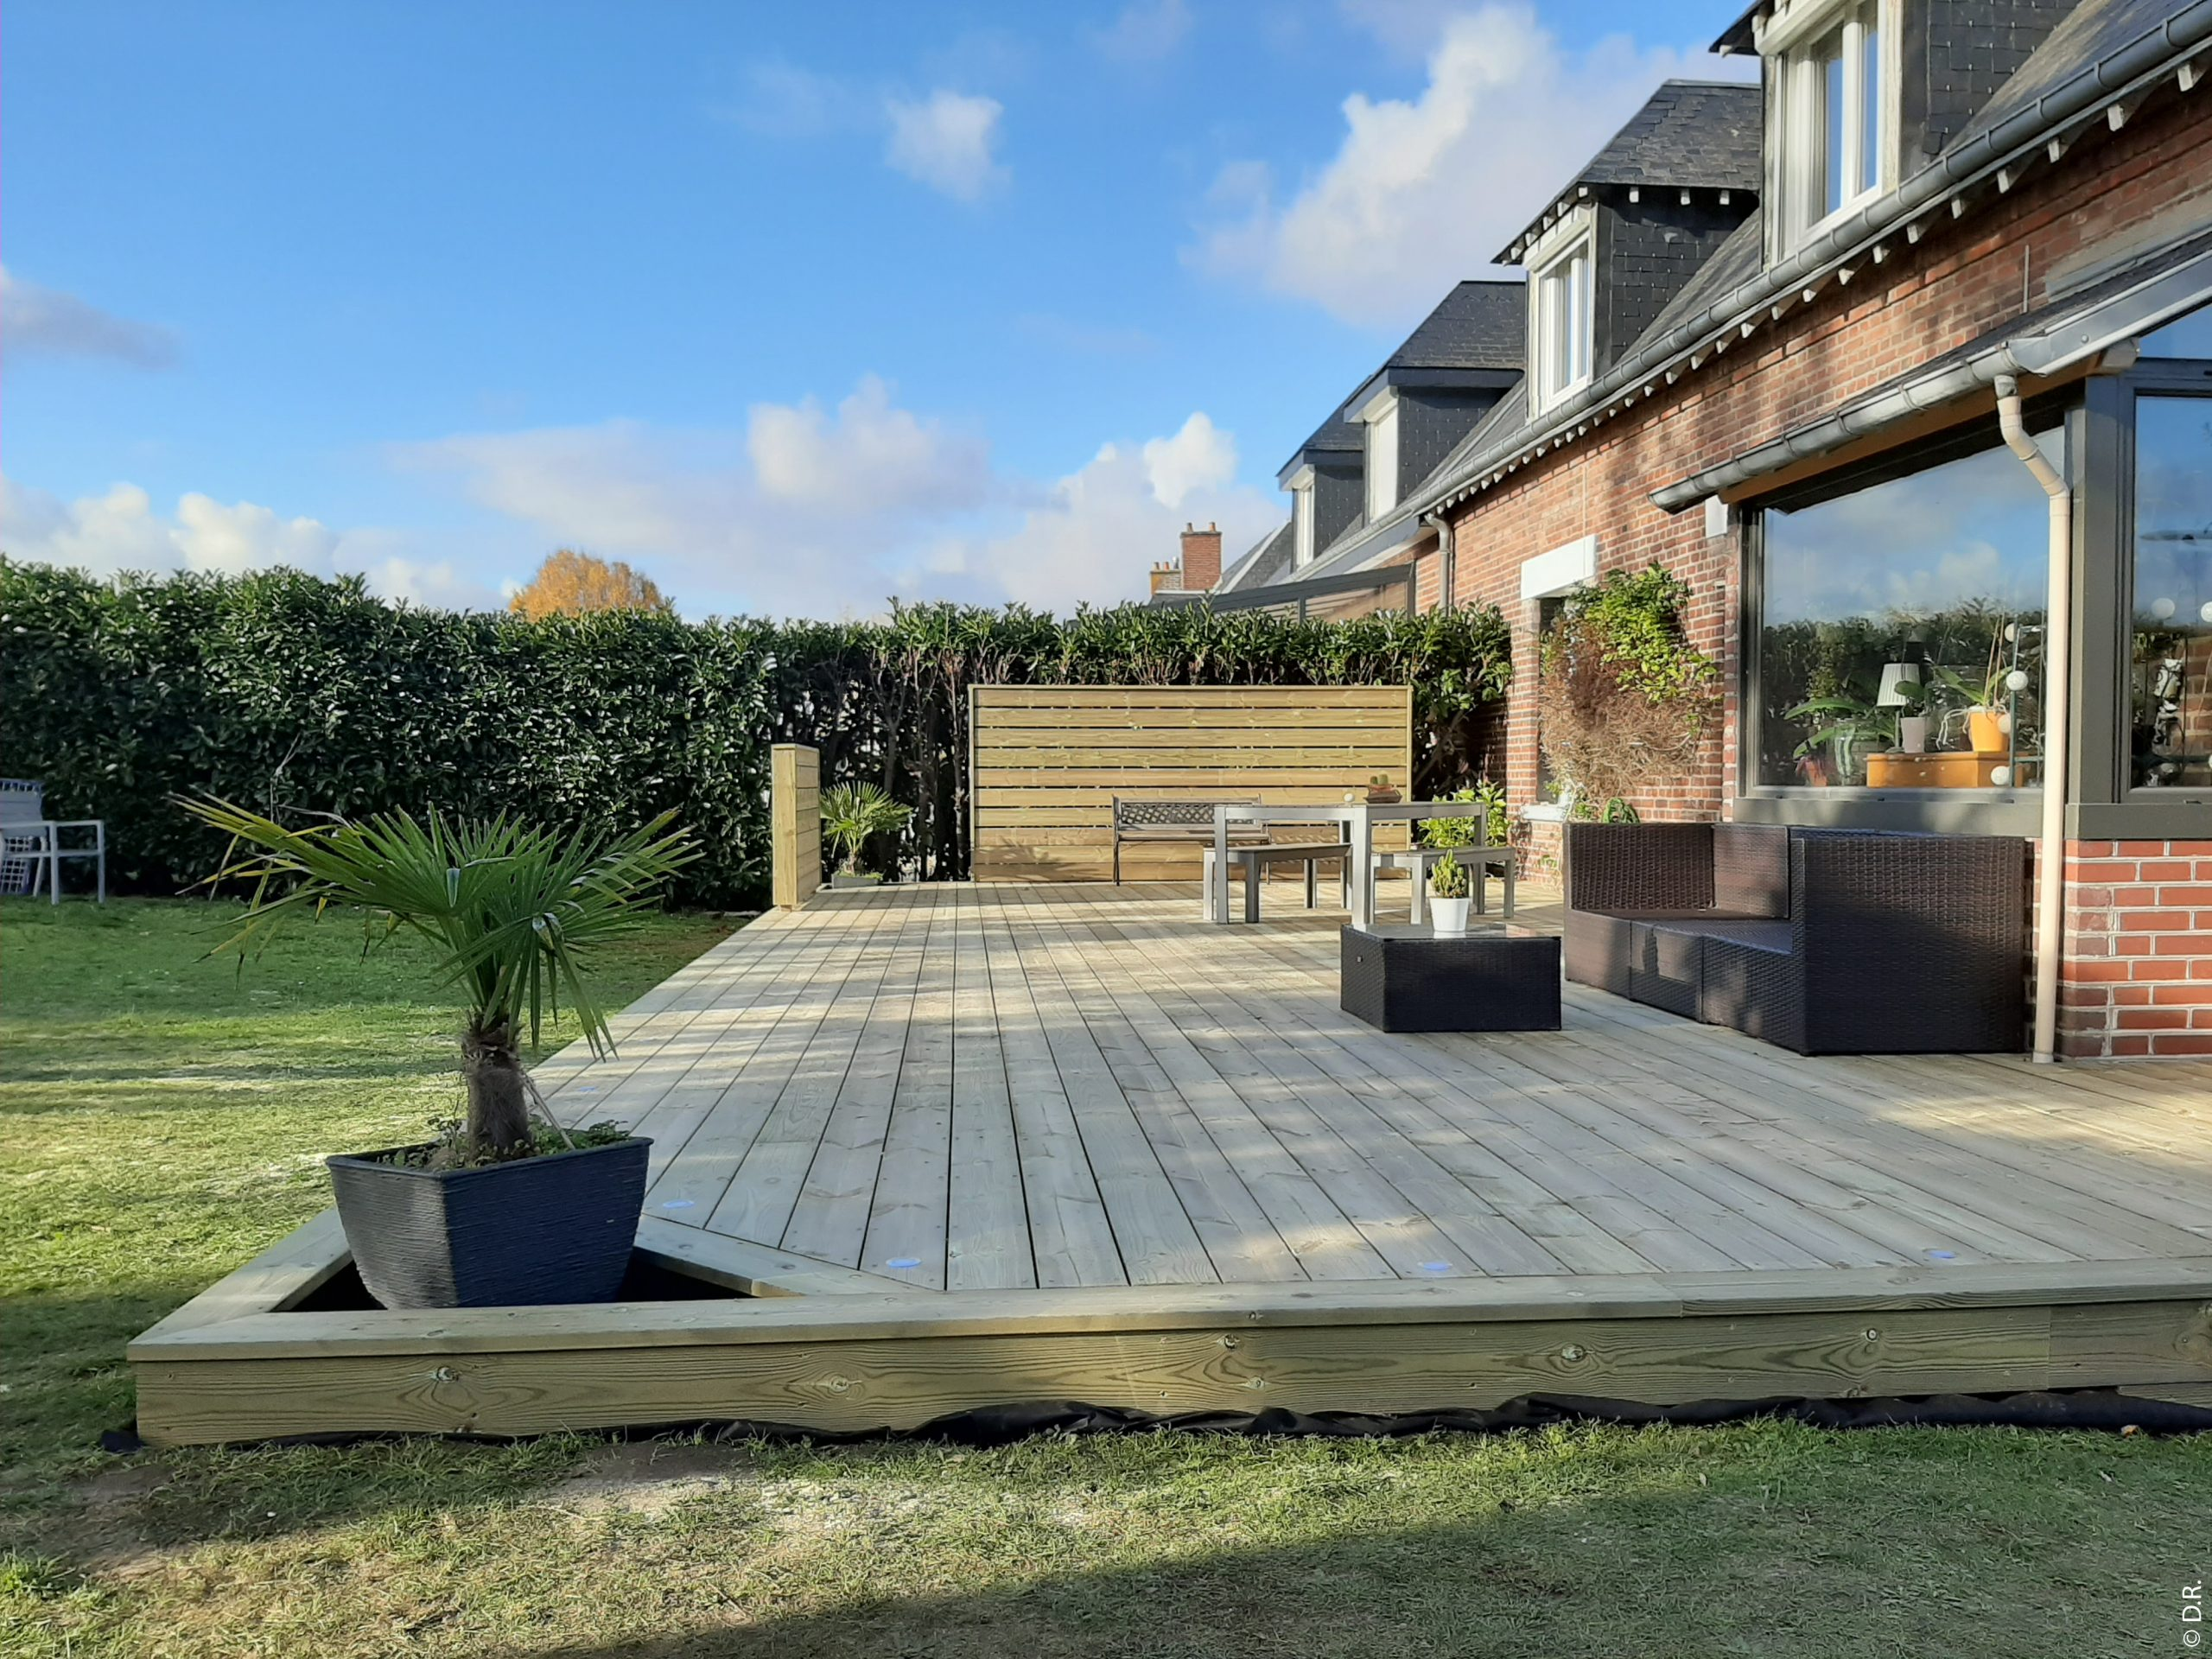 Une terrasse en bois, une vraie pièce à vivre à l'extérieur !